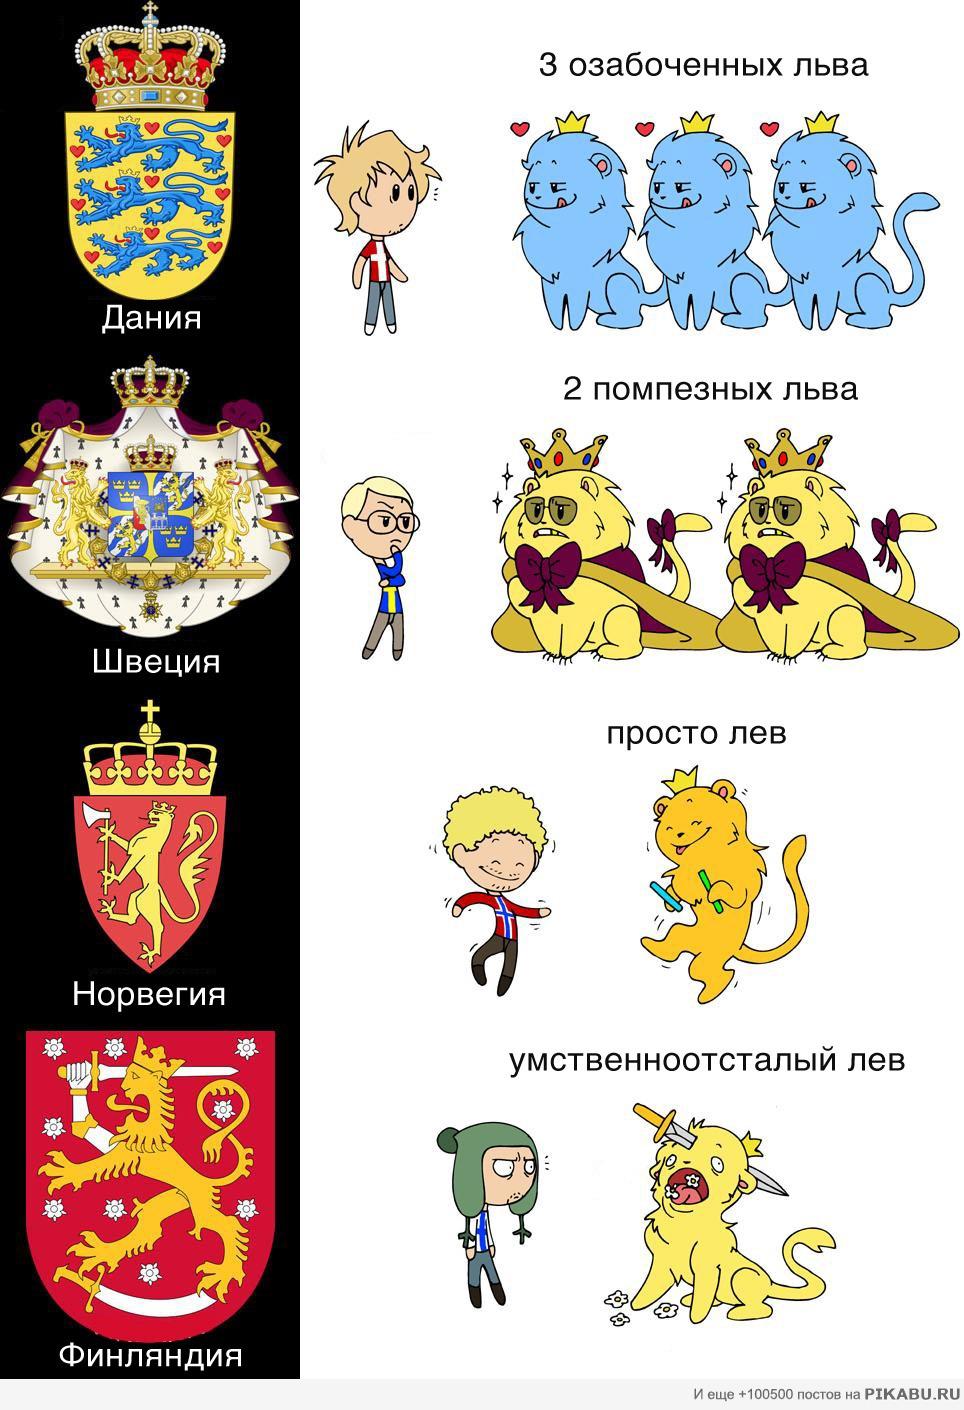 Львы на гербах дорогие монеты рф